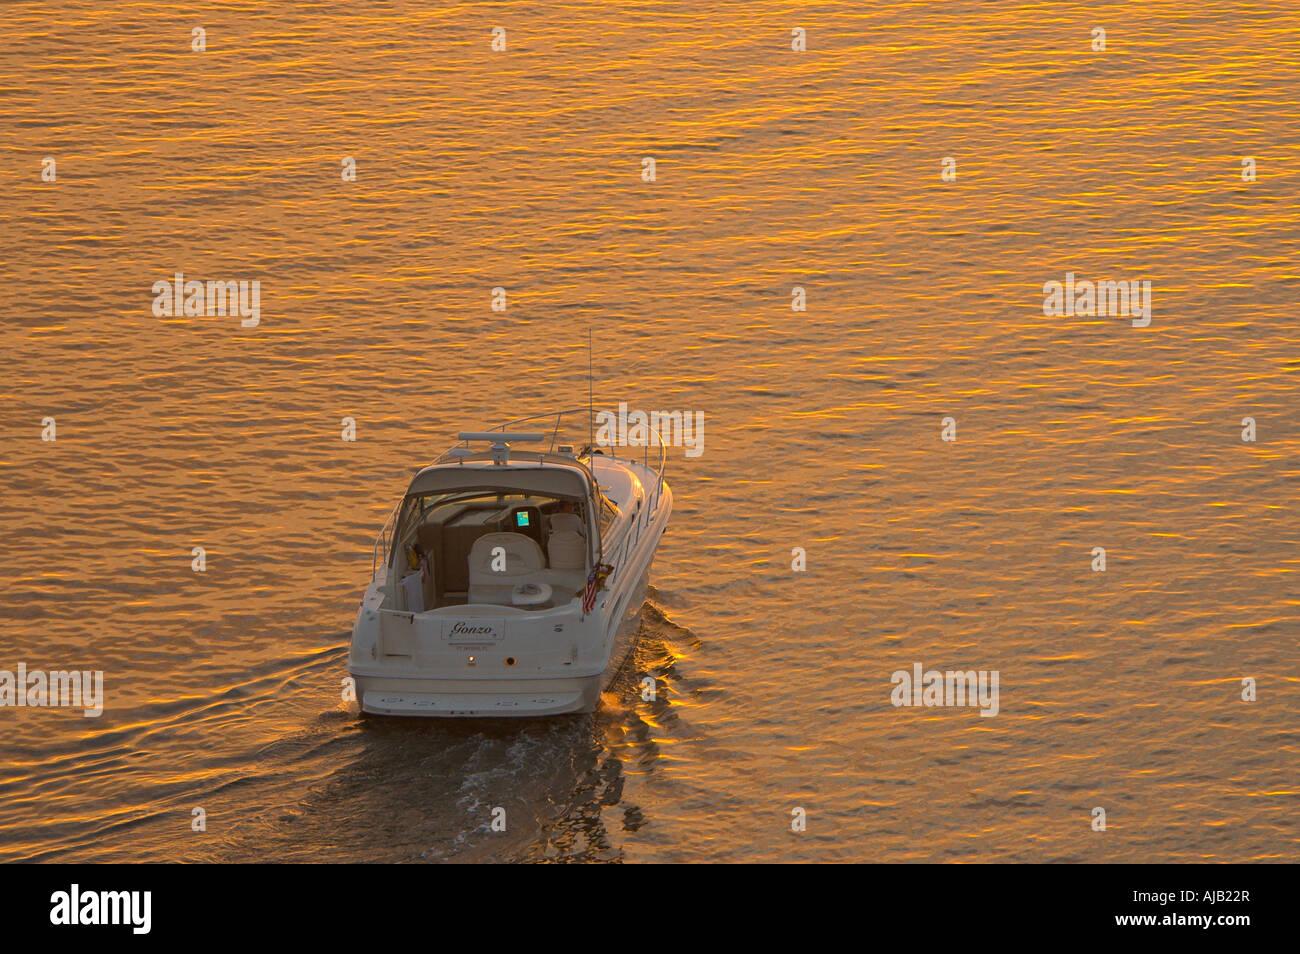 Nautica potenza entrobordo fuoribordo crociere in barca al tramonto nella calma acqua piatta, sport, attività Immagini Stock